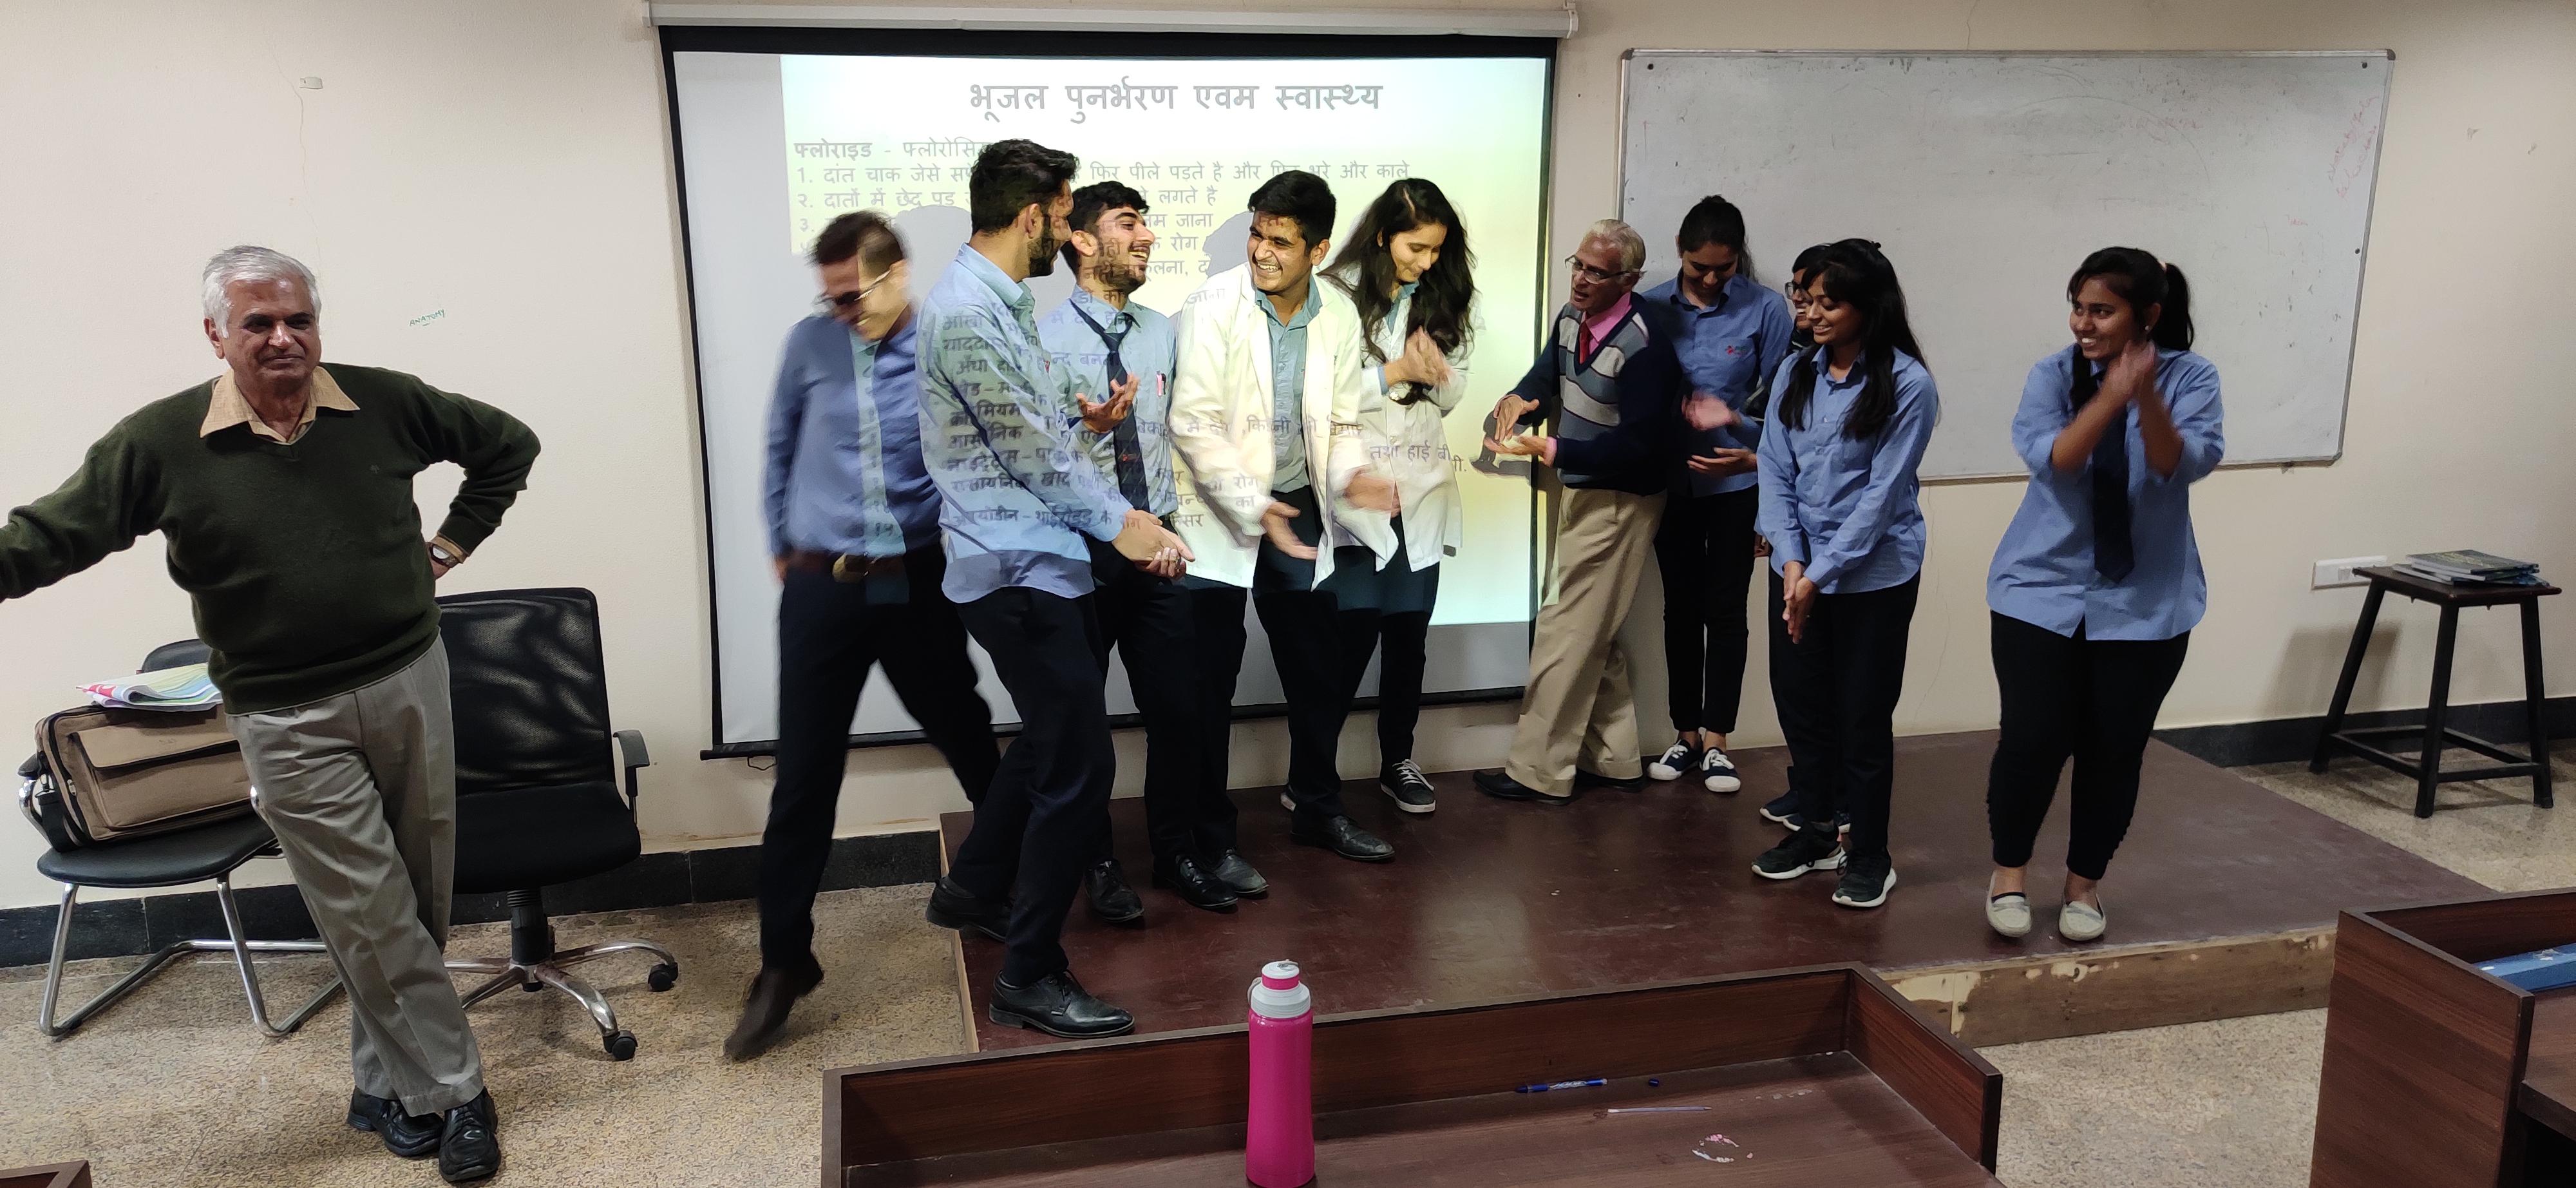 प्यासी मौत का मंचन,जलमित्र बने मेडिकल छात्र